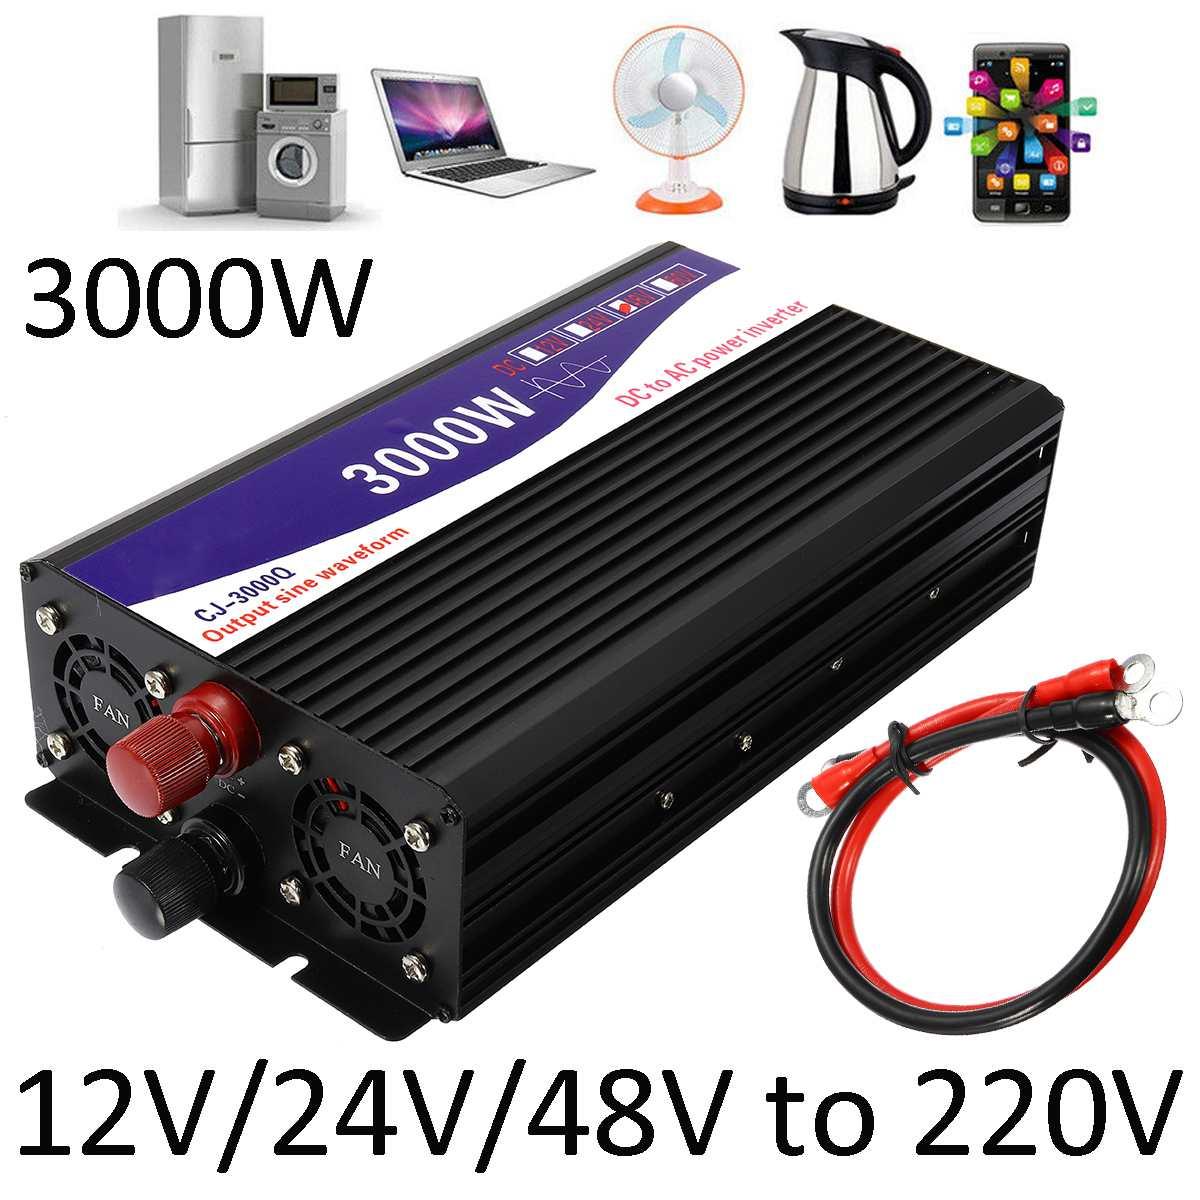 3000 w inversor 12 v/24 v/48 v para 220 v transformador de tensão conversor de onda senoidal pura inversor de potência + duplo display lcd